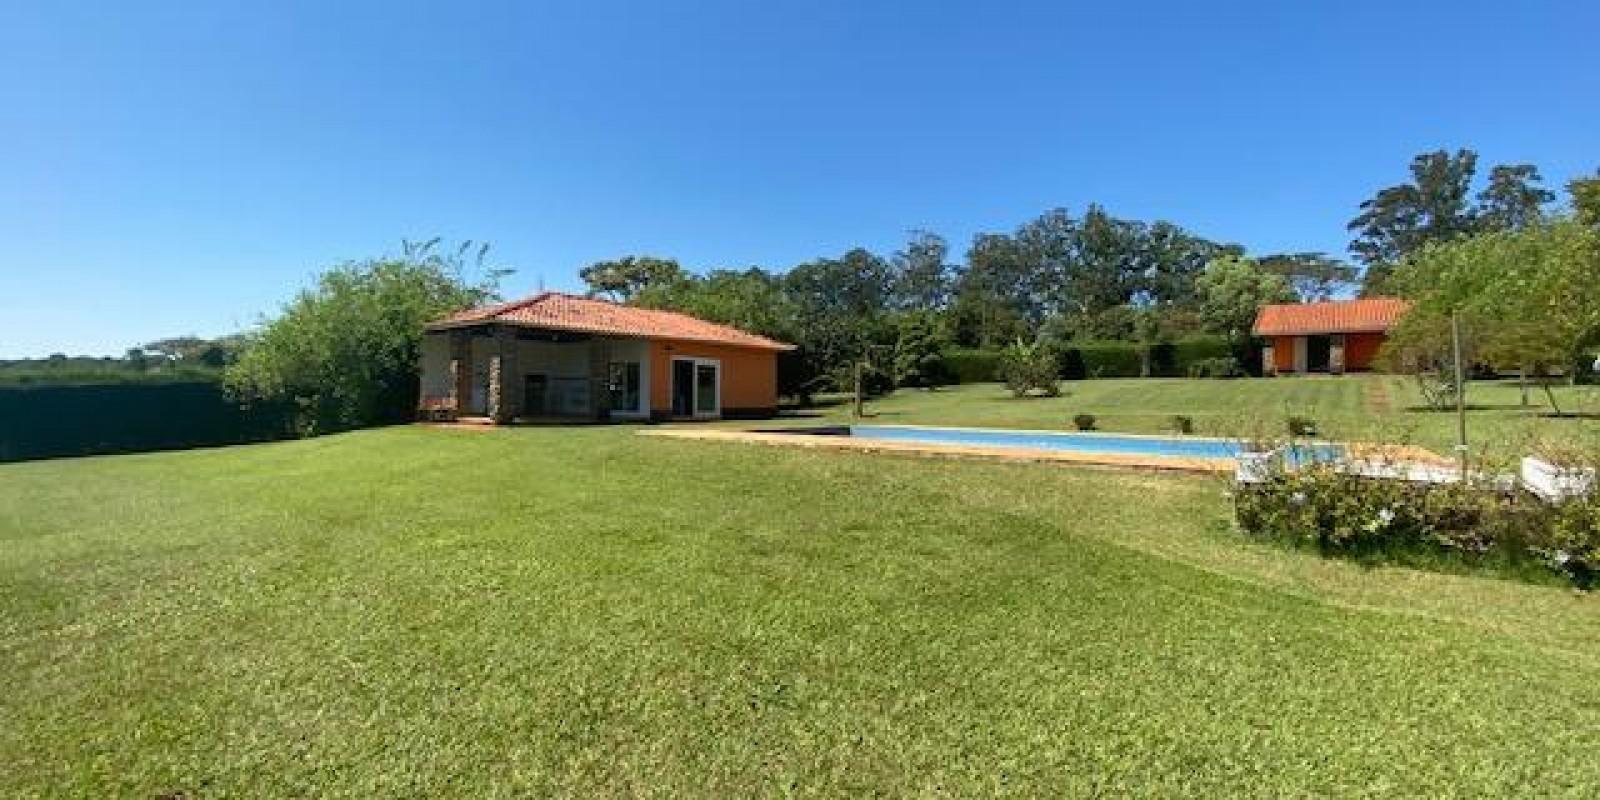 Casa na Represa Condomínio  Parque Náutico em Avaré SP - Foto 28 de 40